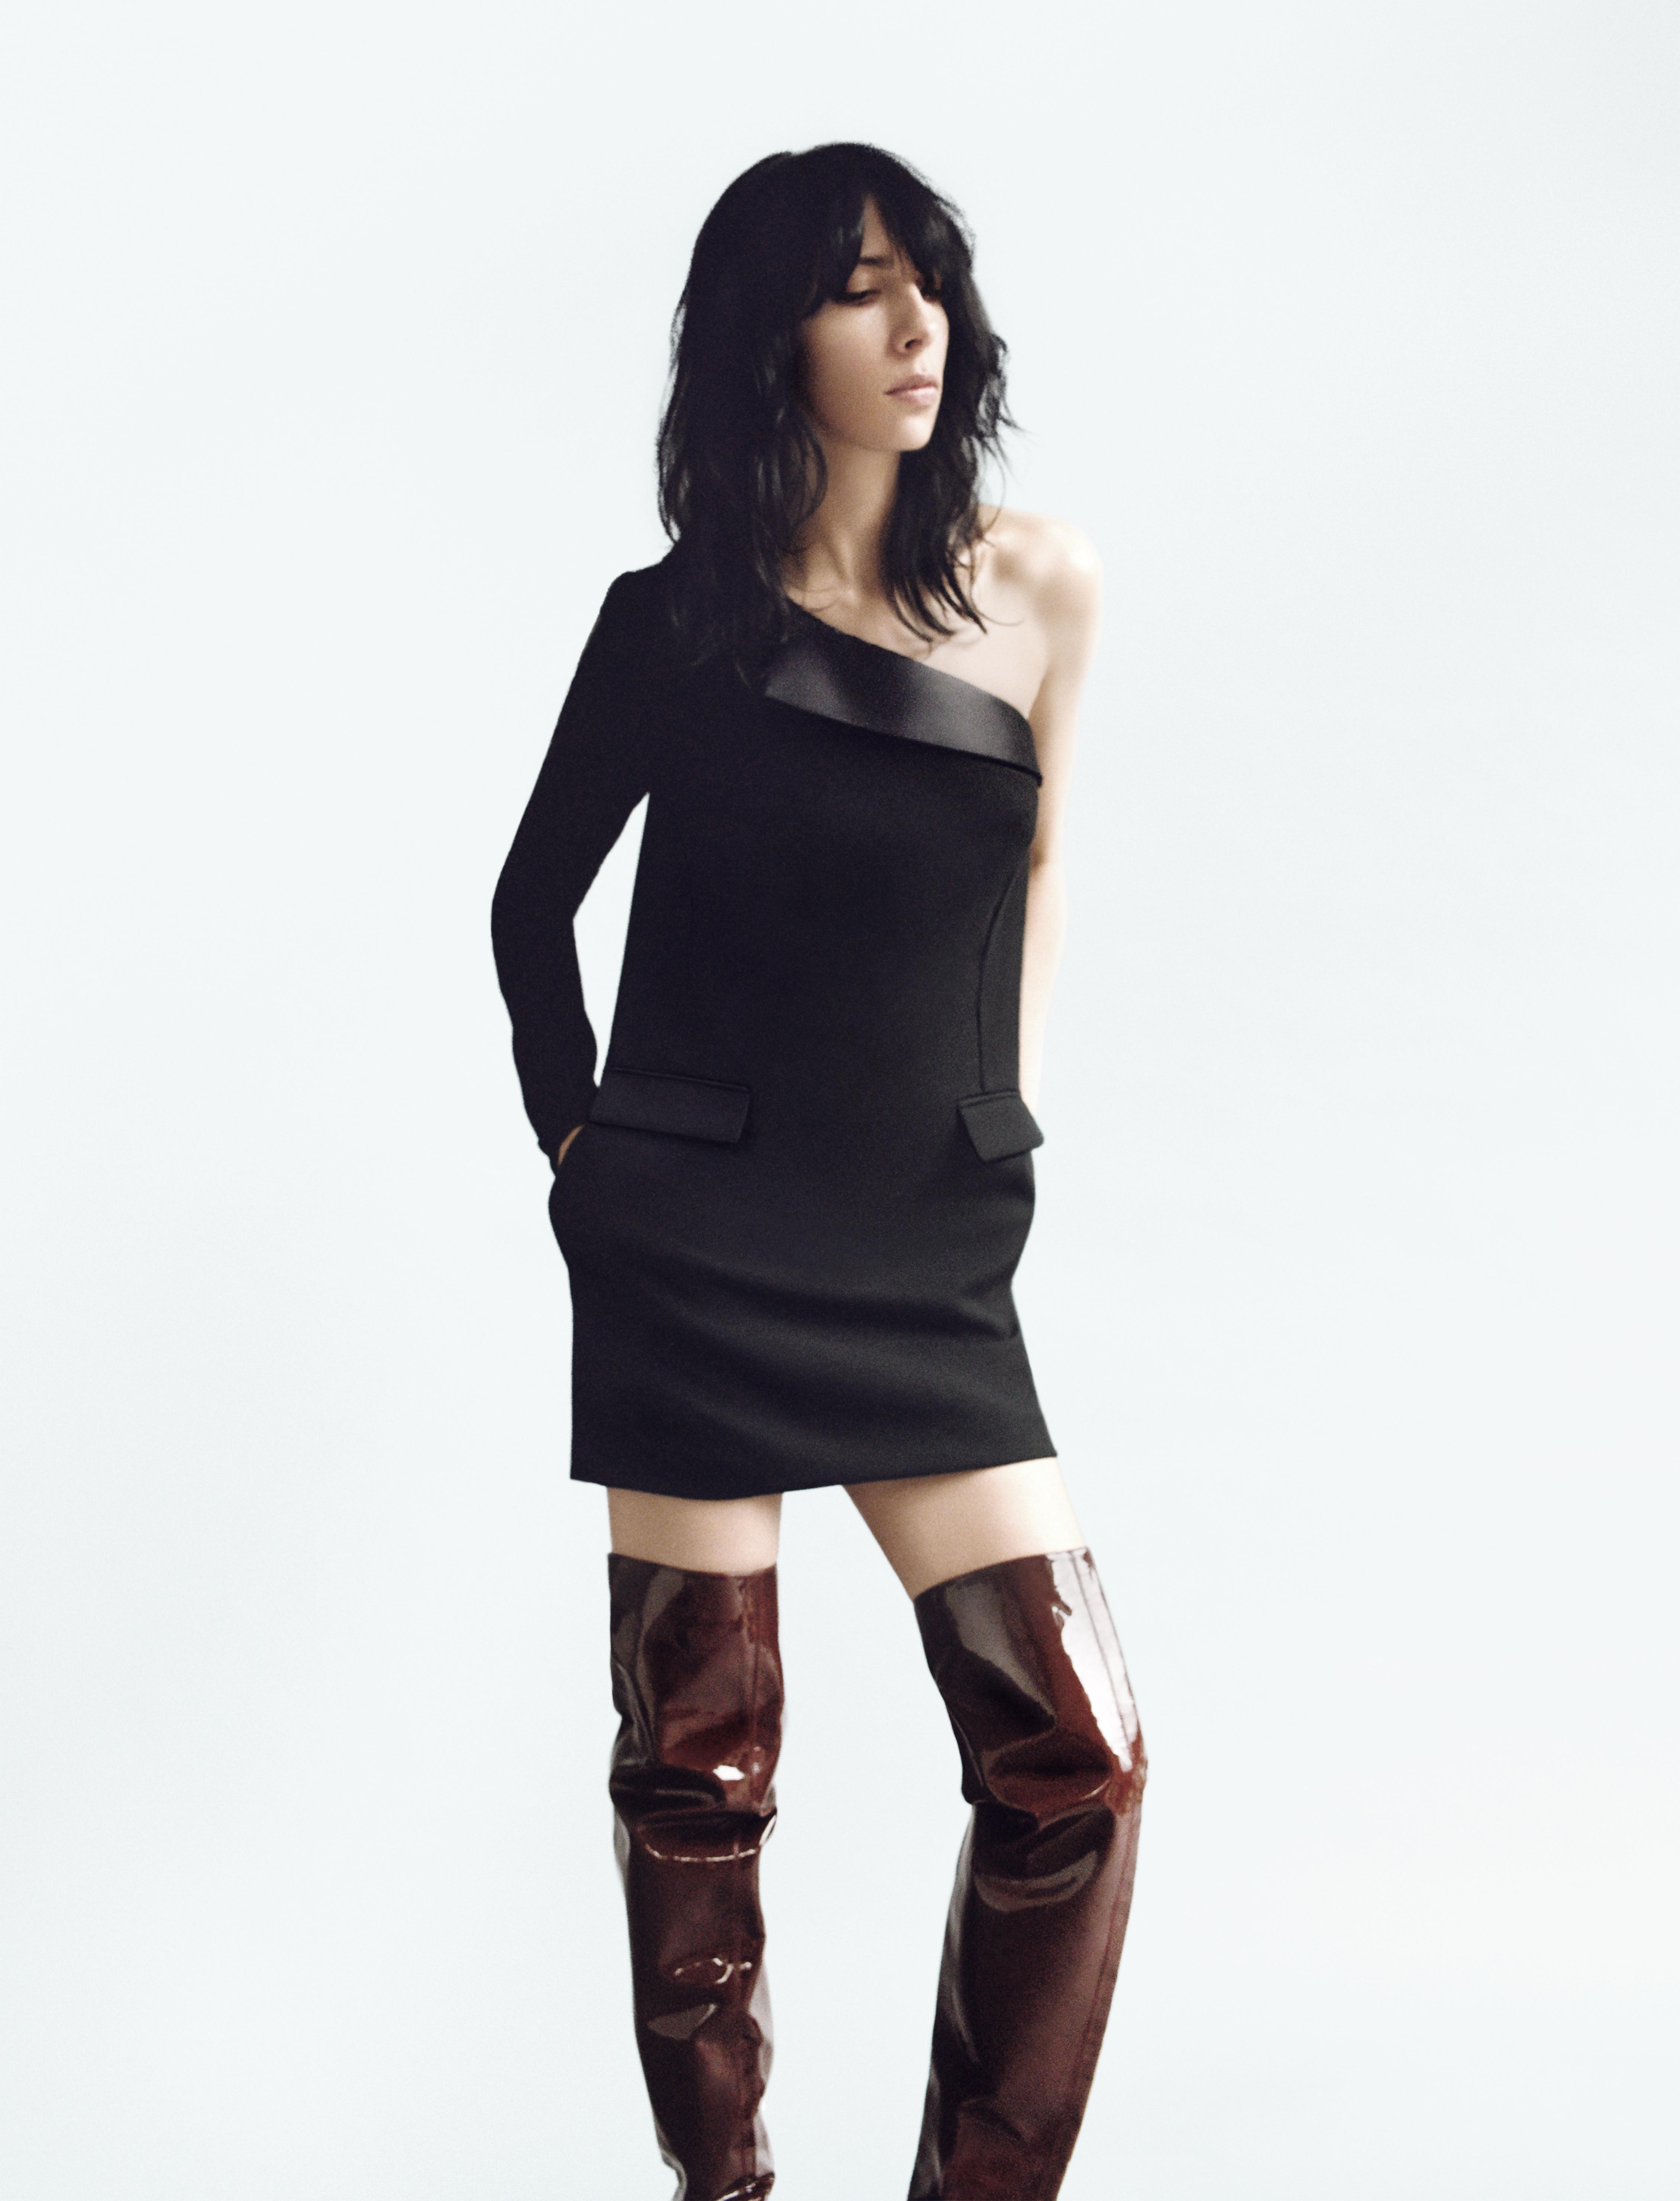 WandaNylon X La Redoute_Jamie-Bochert_suit-dress_©SofiaMalamute